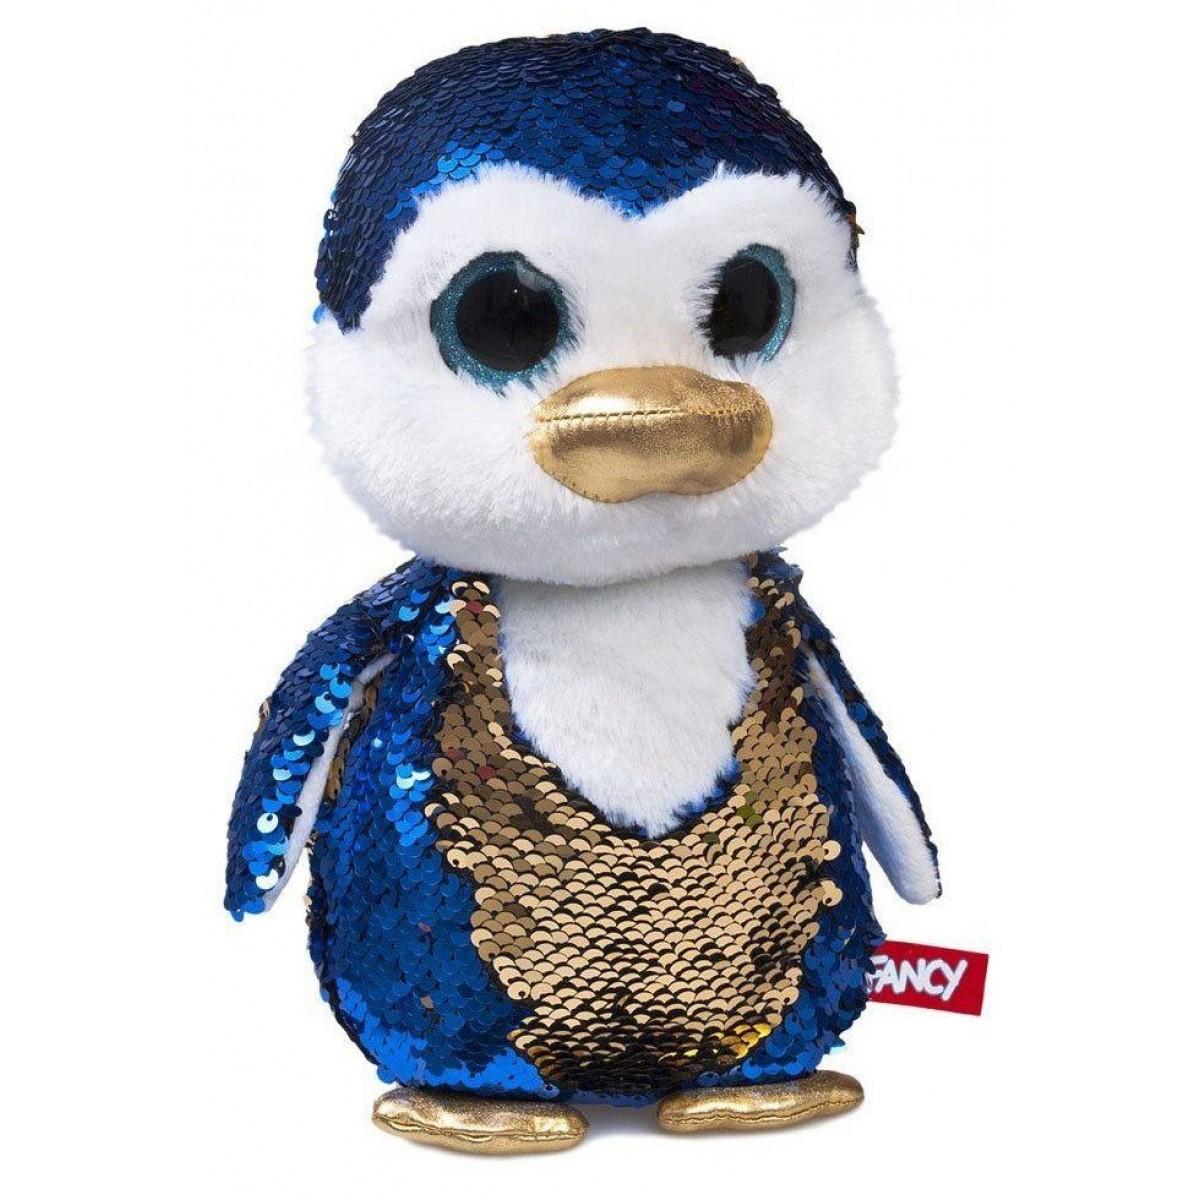 Мягкая игрушка Fancy Пингвинчик Сапфир 15 см мягкая игрушка fancy ленивец 27 см